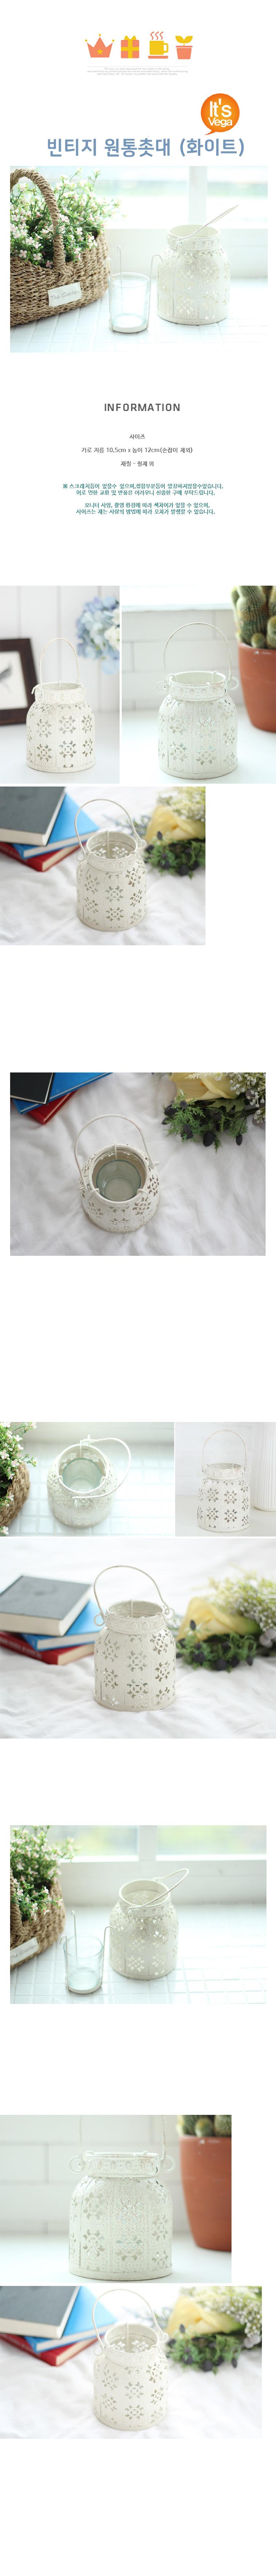 빈티지 원통촛대 (화이트) - 베가, 19,000원, 캔들, 캔들홀더/소품